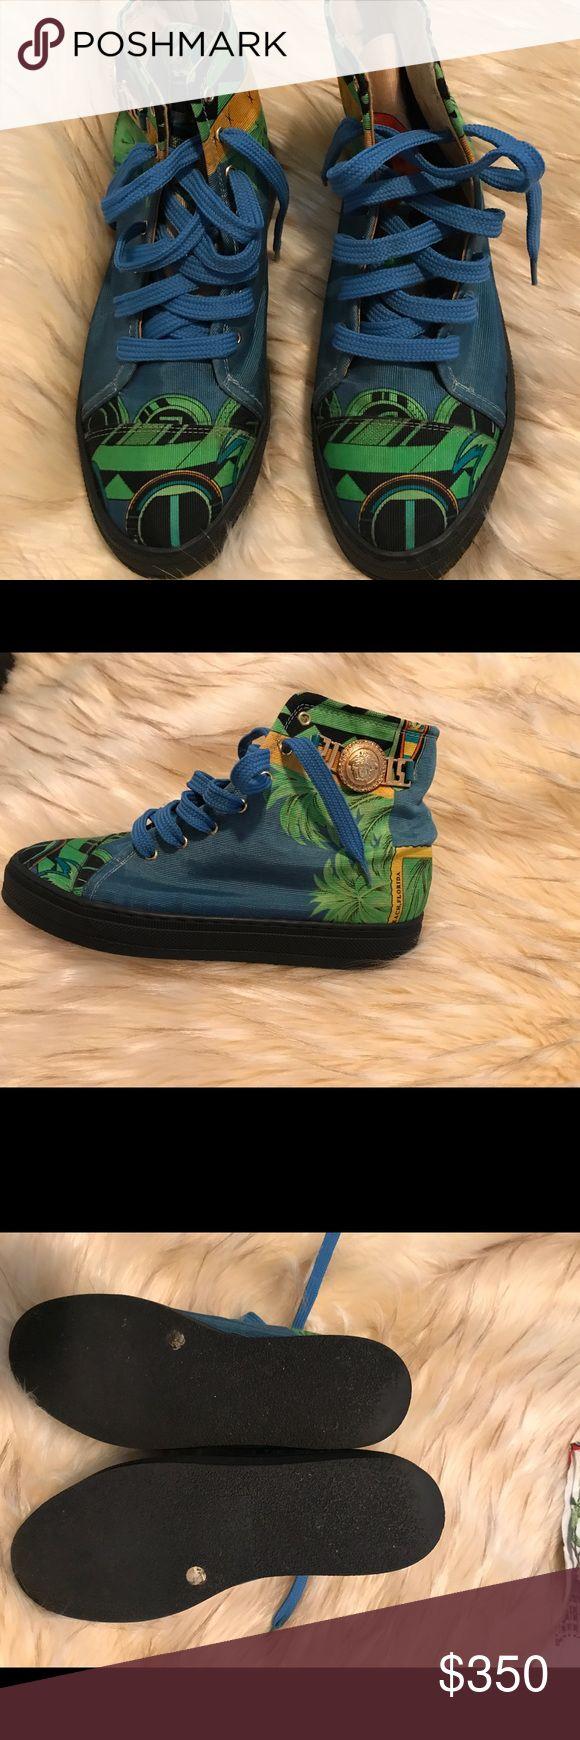 Versace sneakers! Like new worn once inside! Gianni Versace sneakers. Can fit 6-61/2 gianni versace Shoes Sneakers